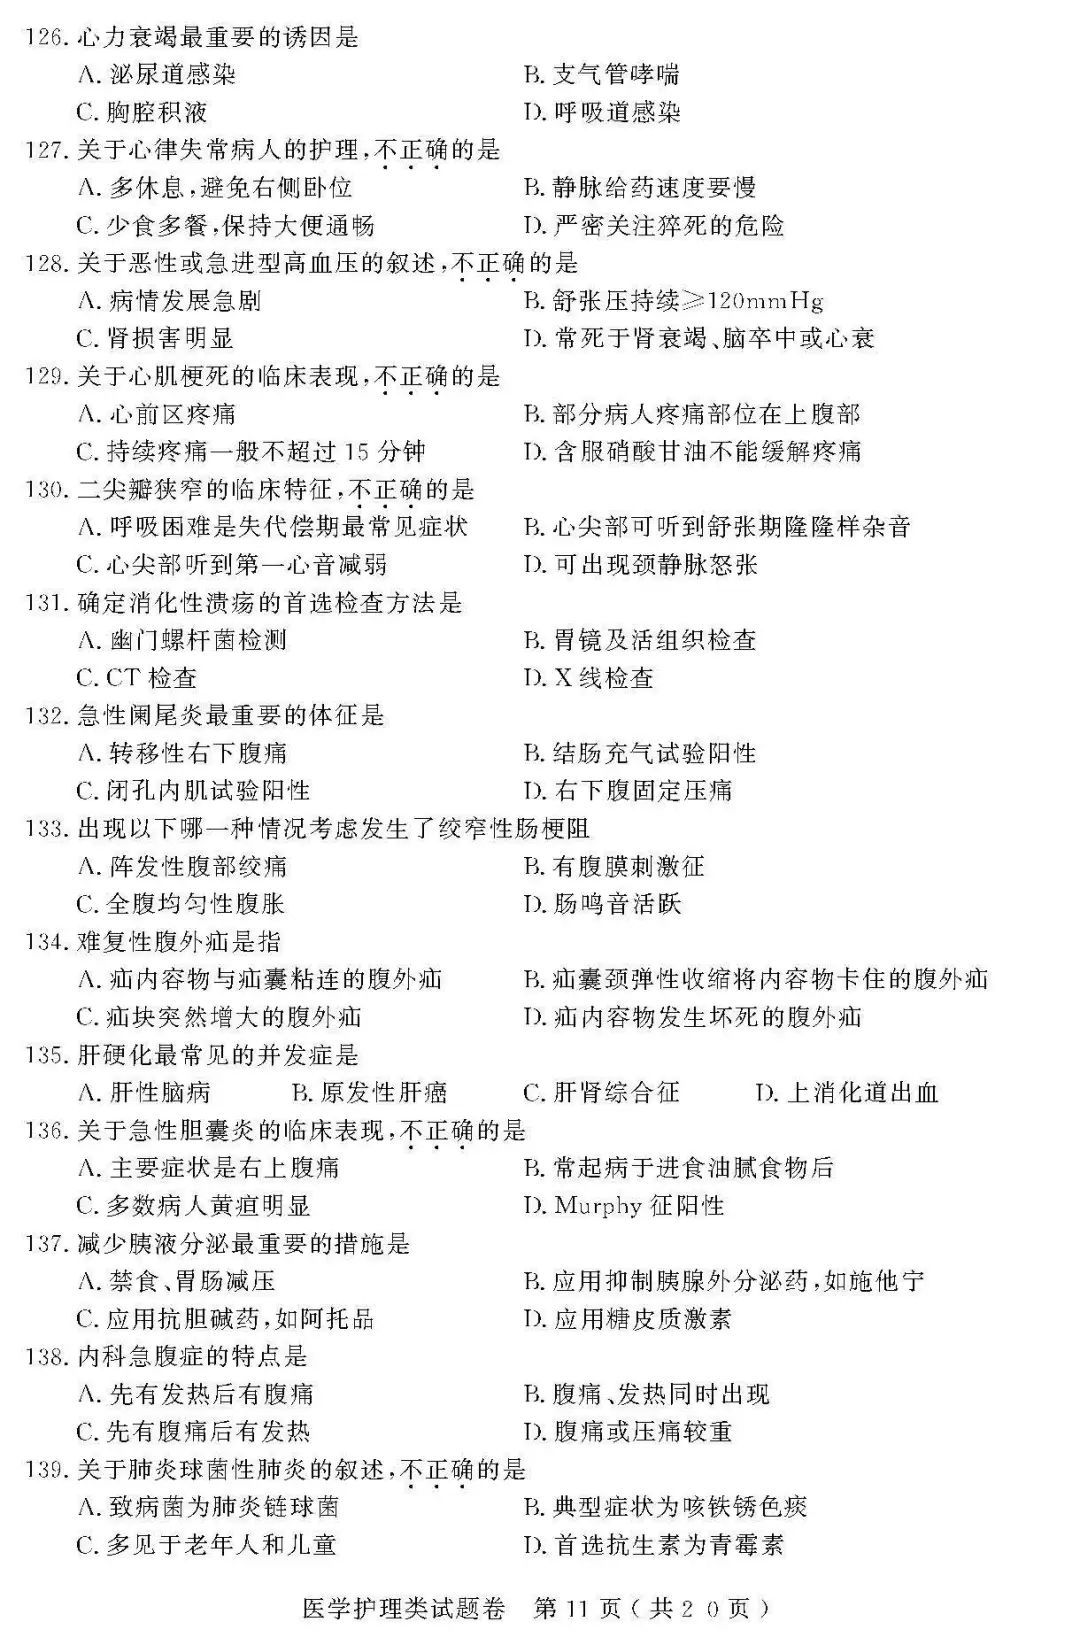 2018浙江高校招生职业技能理论考试医学护理类试题及参考答案公布